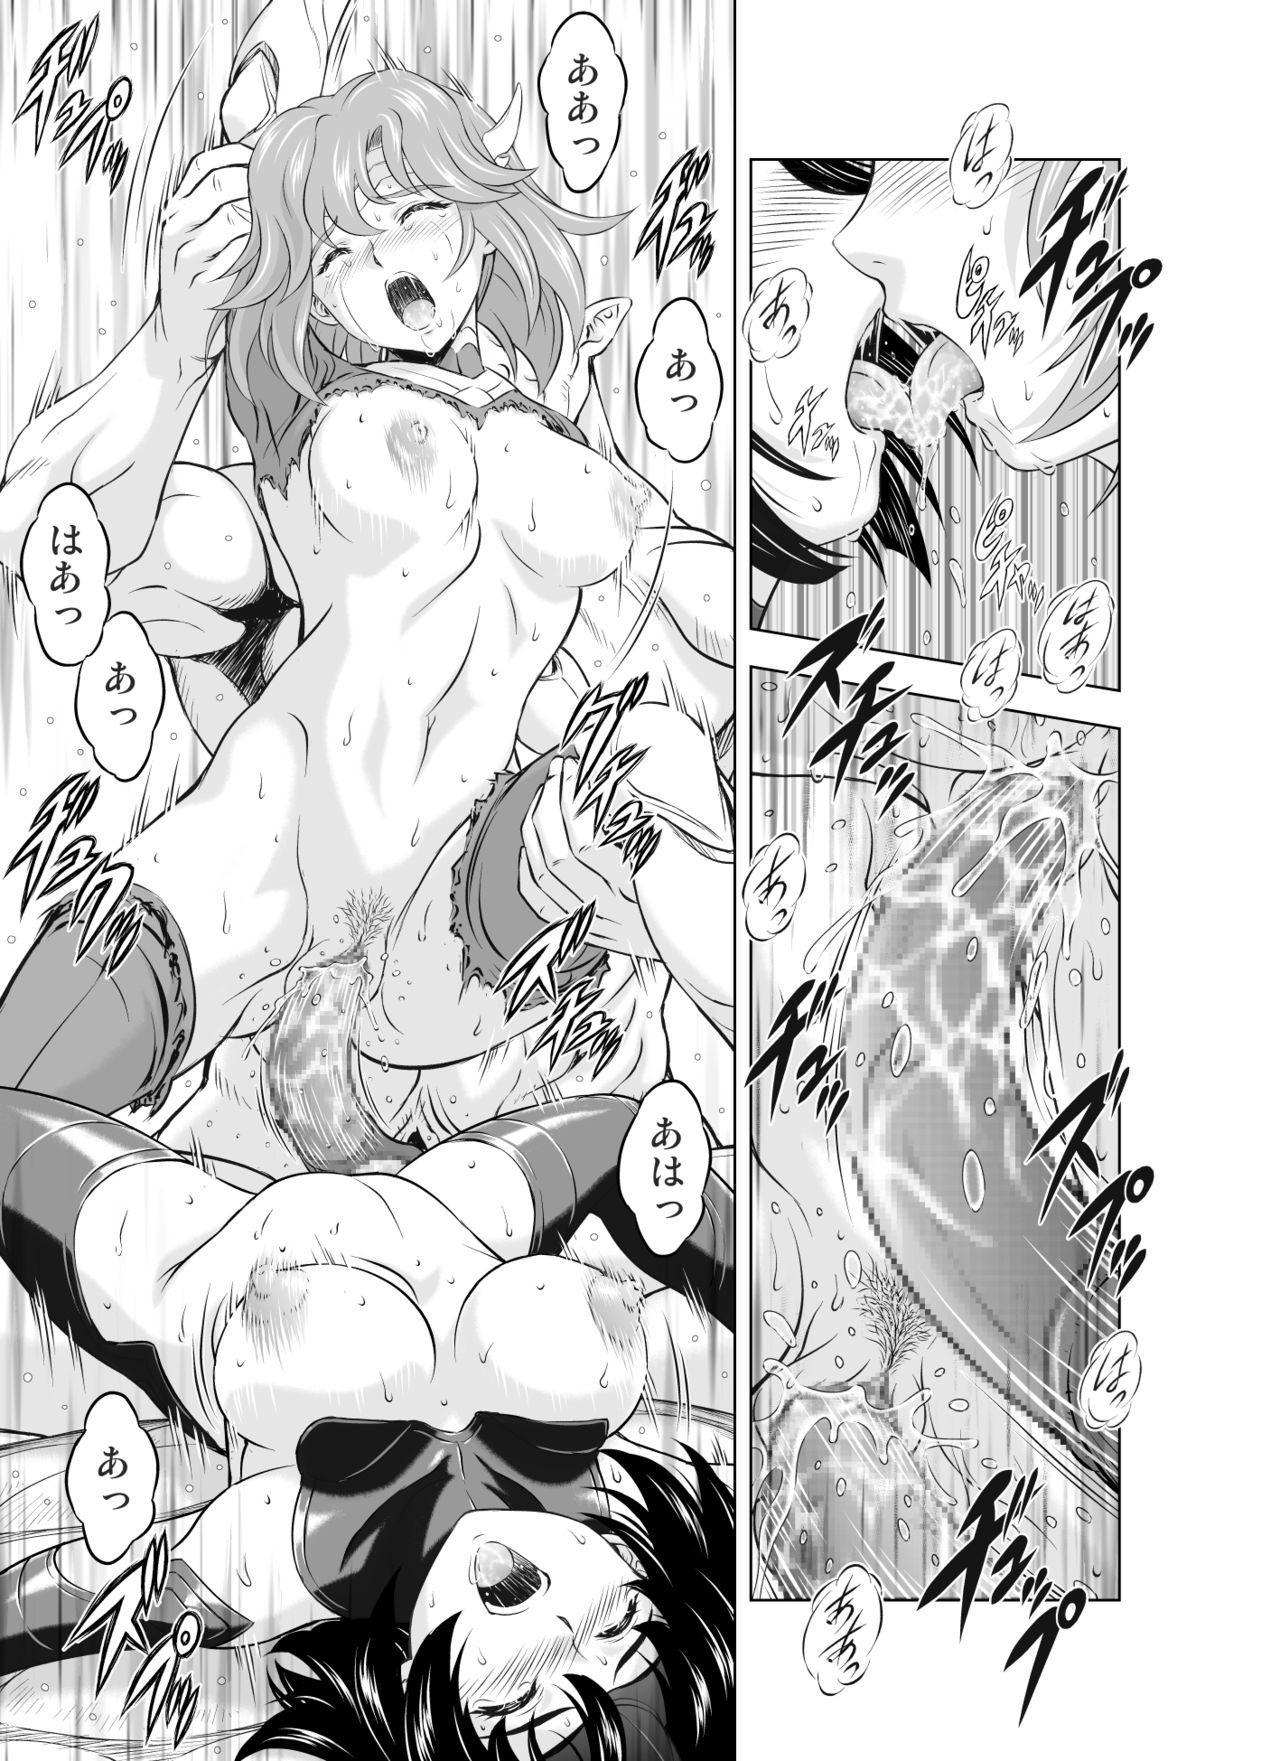 Reties no Michibiki Vol. 5 28